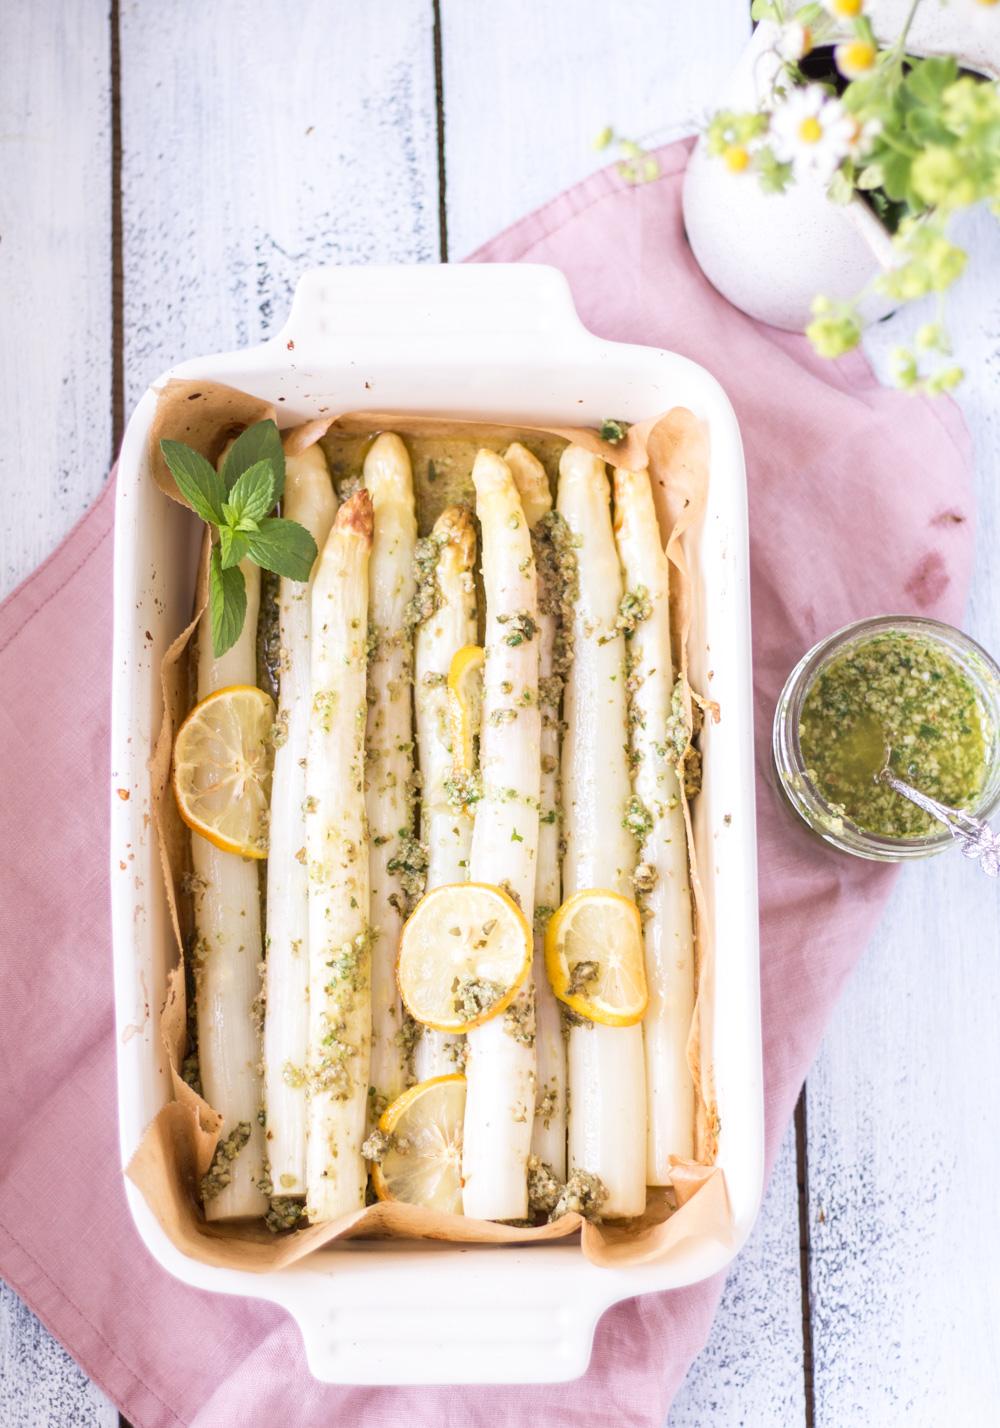 Schneller Ofen-Spargel mit Zitronen-Pesto – 30 Minuten Abendessen (zumindest fast) - rein pflanzlich, vegan, glutenfrei, ohne raffinierten Zucker - de.heavenlynnhealthy.com